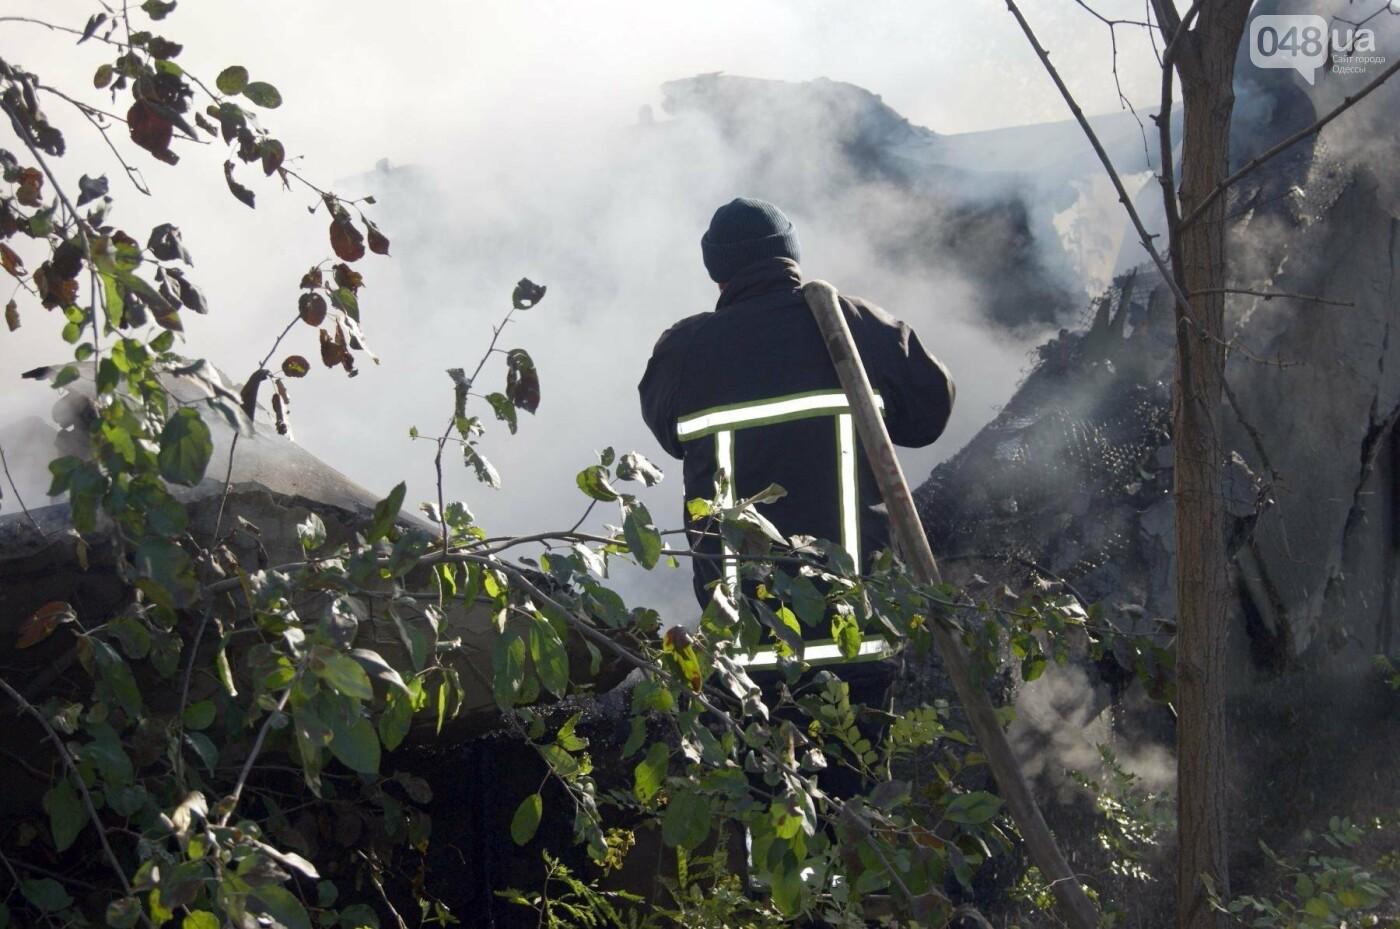 Одесский санаторий продолжает гореть до сих пор (ФОТО, ВИДЕО), фото-1